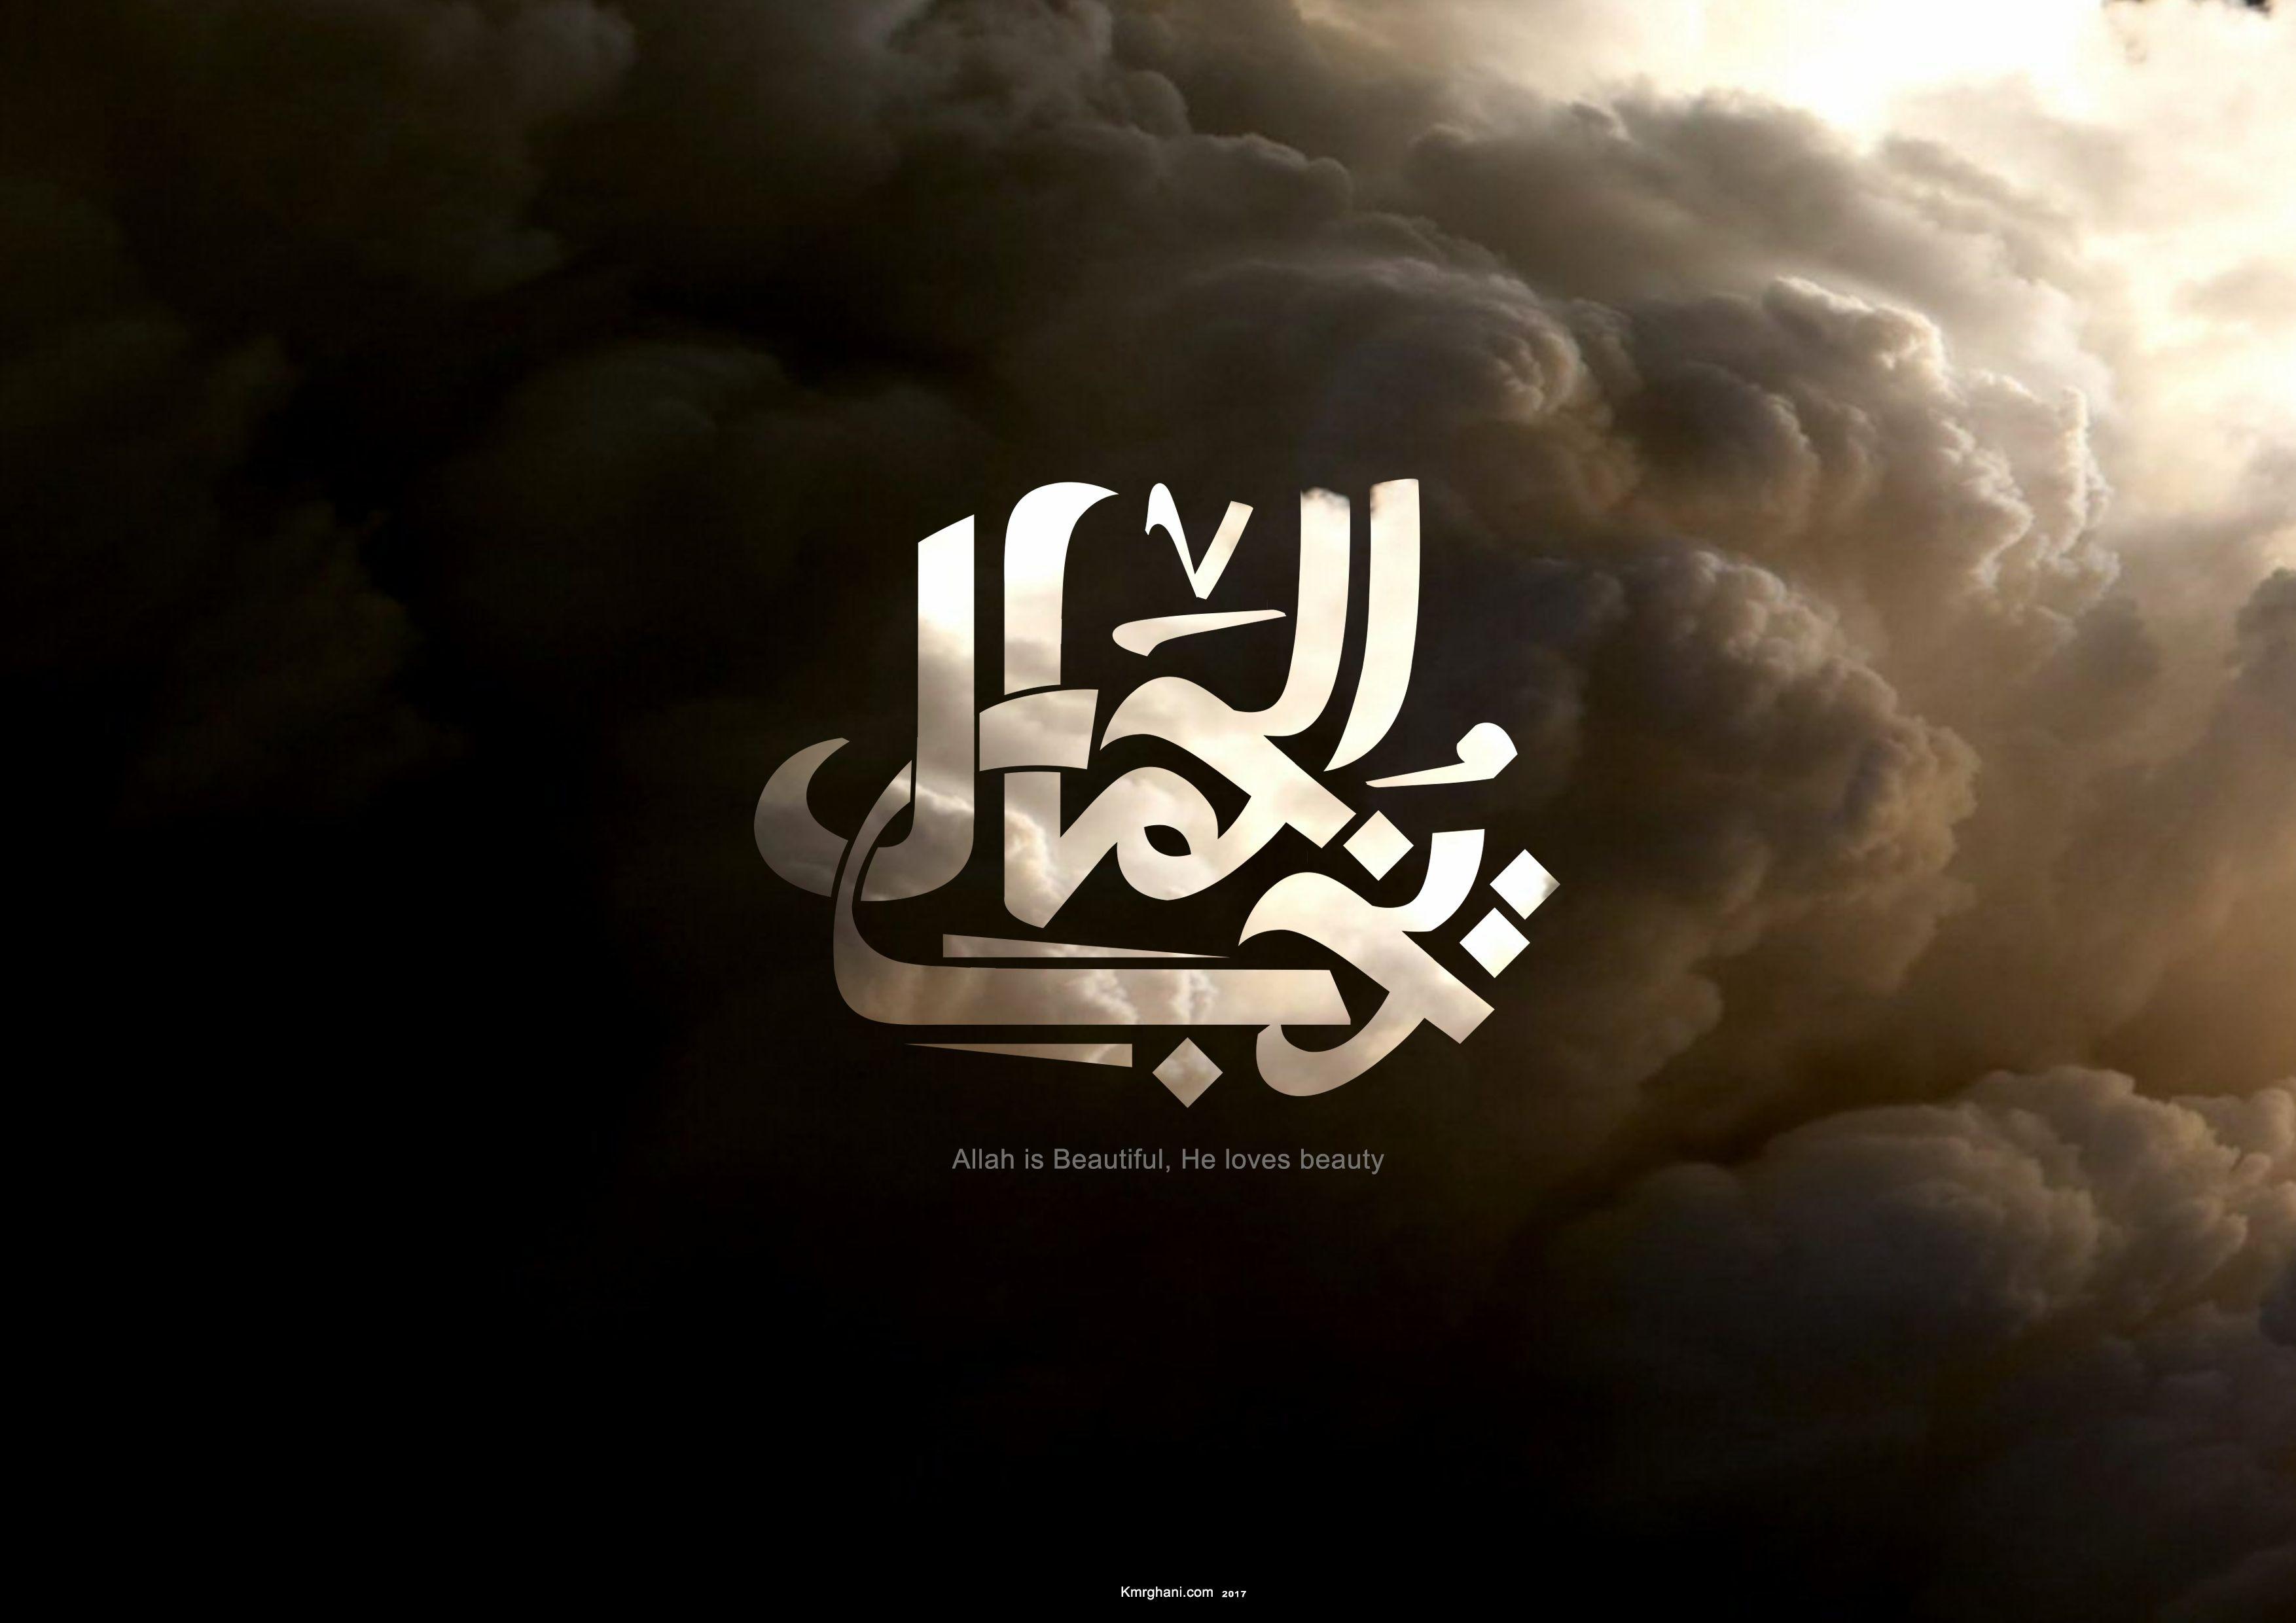 يحب الجمال Allah Is Beautiful He Loves Beauty Islamic Art Calligraphy Calligraphy Design Beautiful